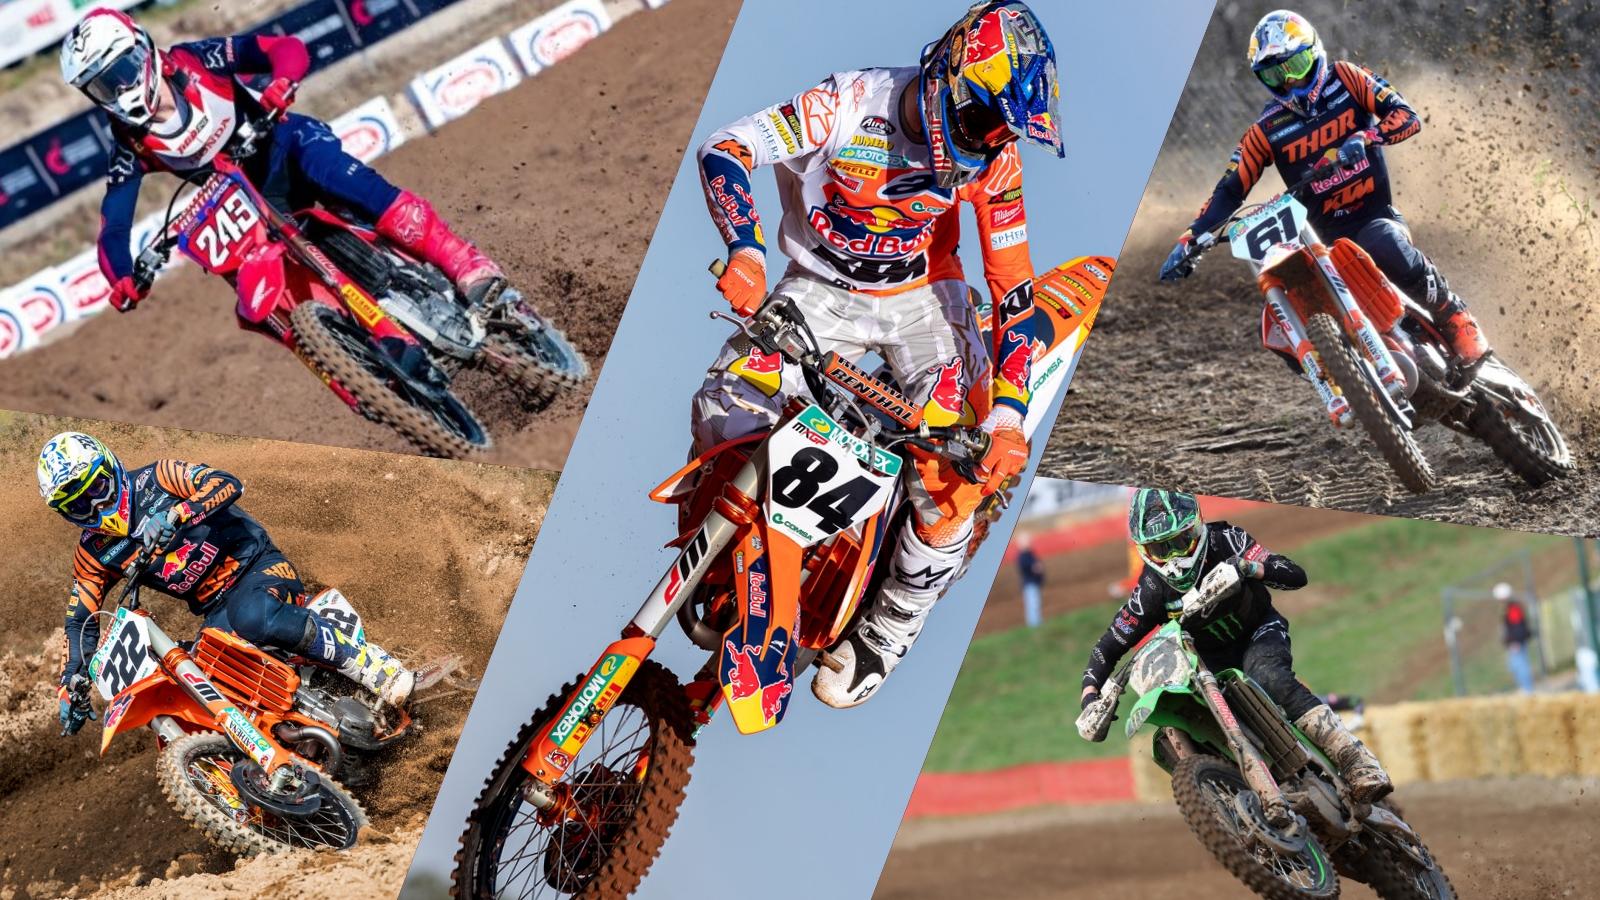 MXGP y MX2 2020: pilotos, motos, equipos, calendario, 3+1 españoles y cinco favoritos